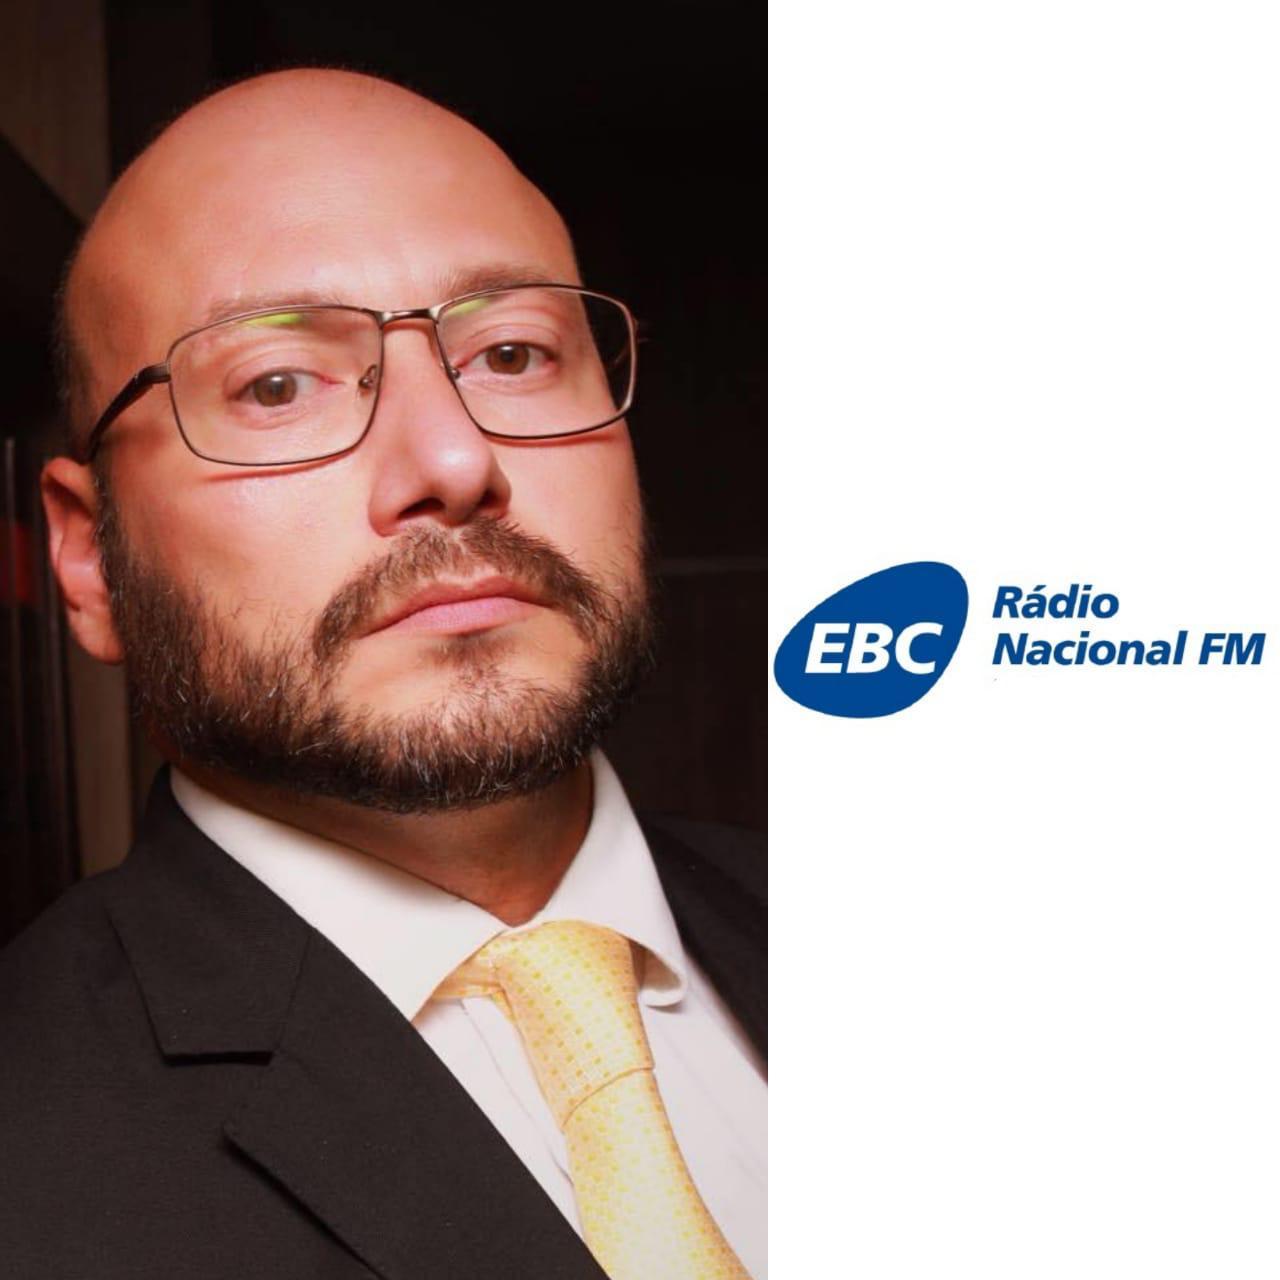 Entrevista do advogado Raphael Cataldo Siston à Rádio Nacional sobre leilão de imóveis